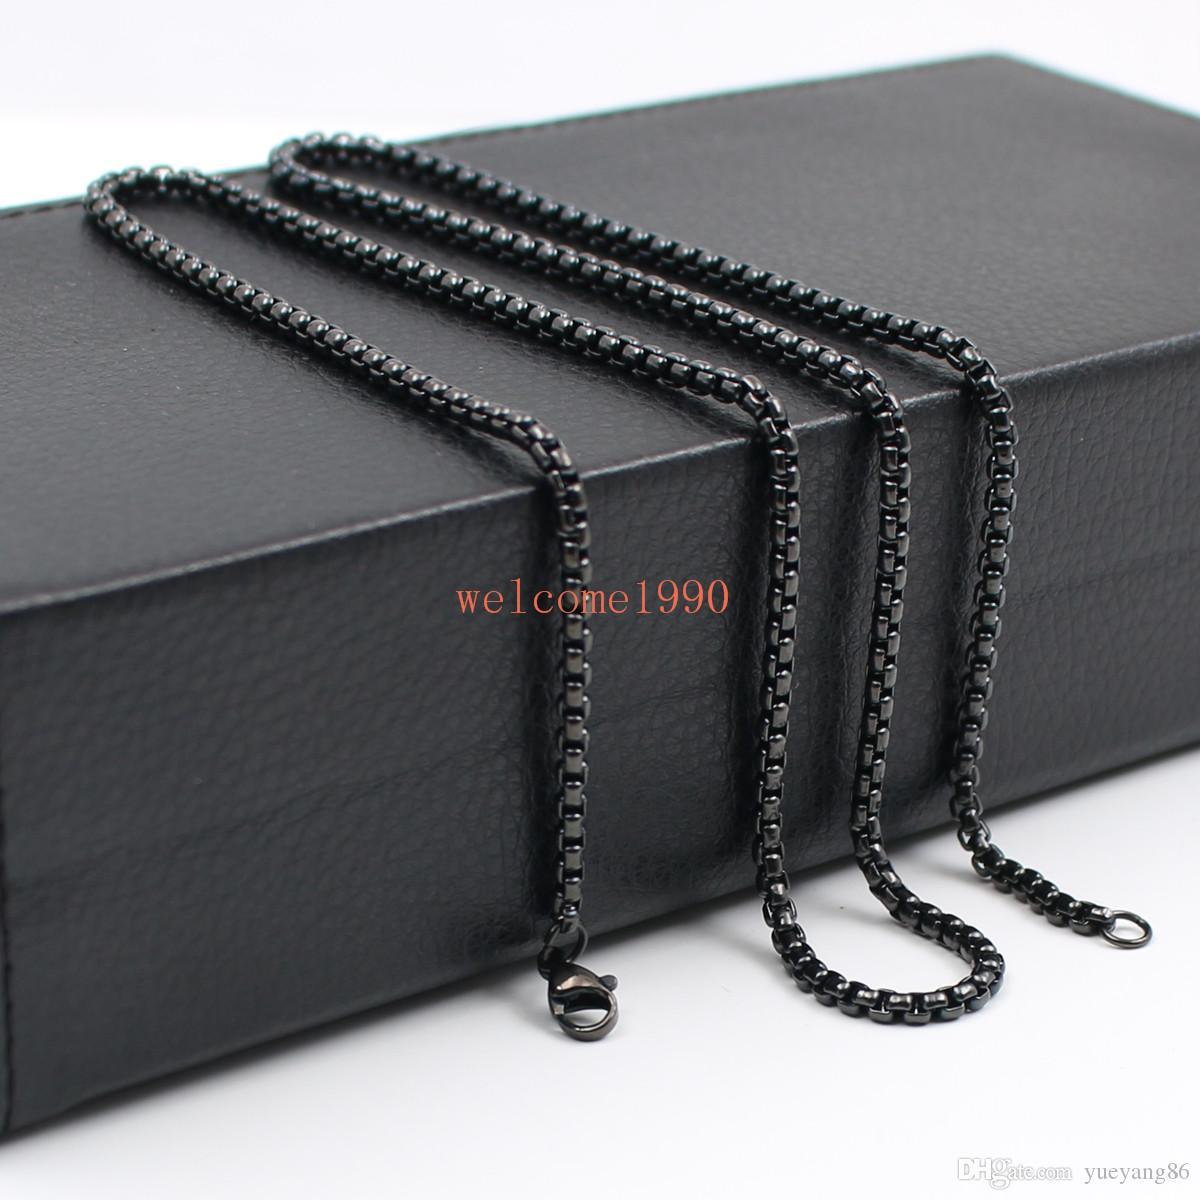 Gros bijoux large 3mm Boîte Rolo Chaîne Collier Acier Inoxydable Mode Hommes Femmes Bijoux Argent / or / noir 18 pouces-32 pouces